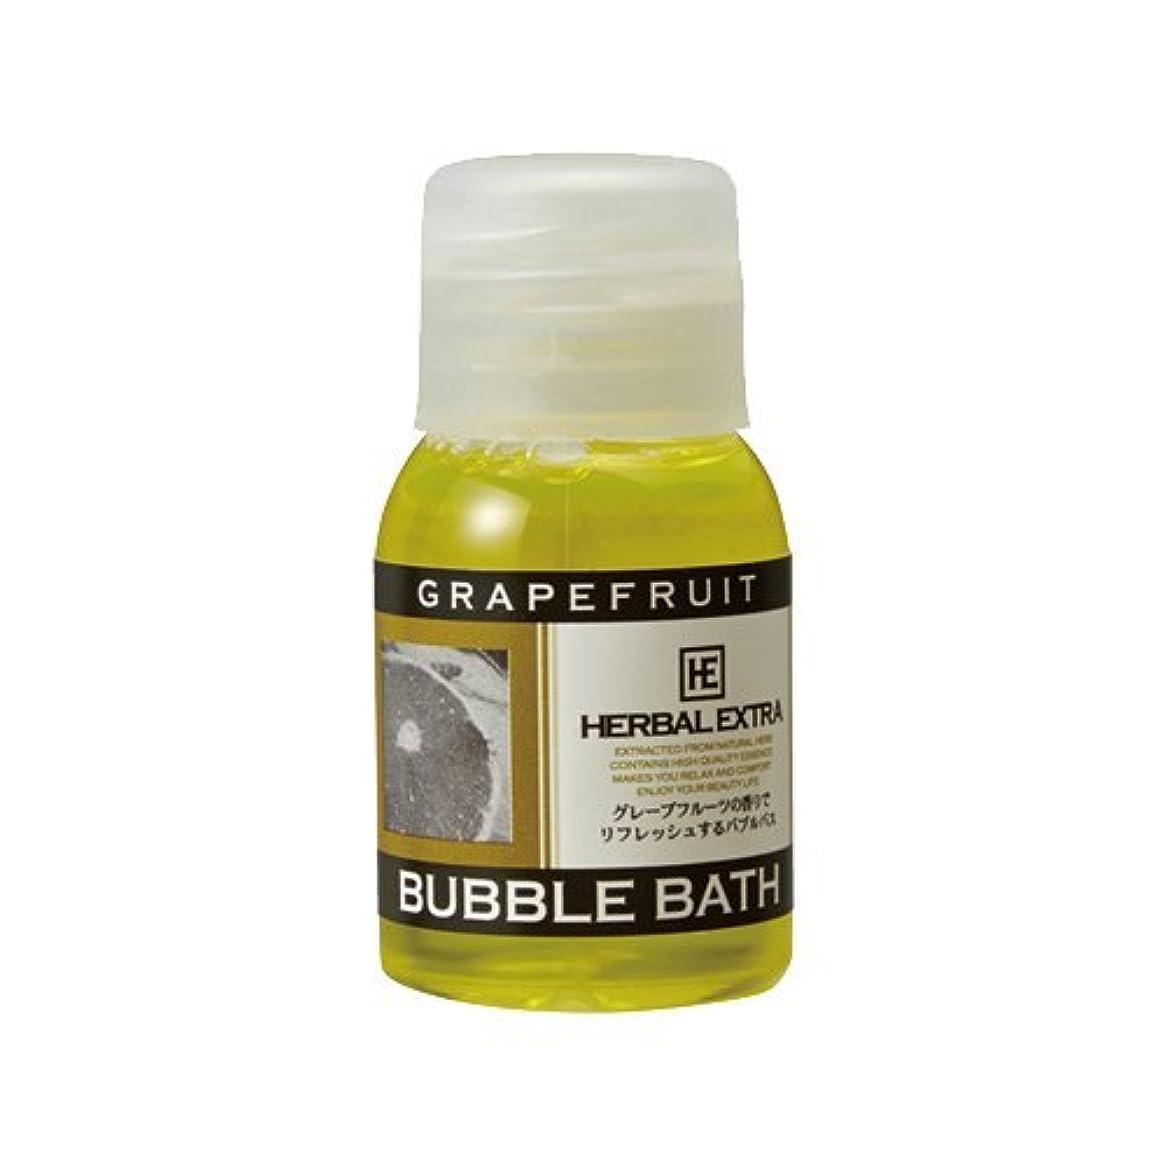 追い払うきれいに重要性ハーバルエクストラ バブルバス ミニボトル グレープフルーツの香り × 20個セット - ホテルアメニティ 業務用 発泡入浴剤 (BUBBLE BATH)